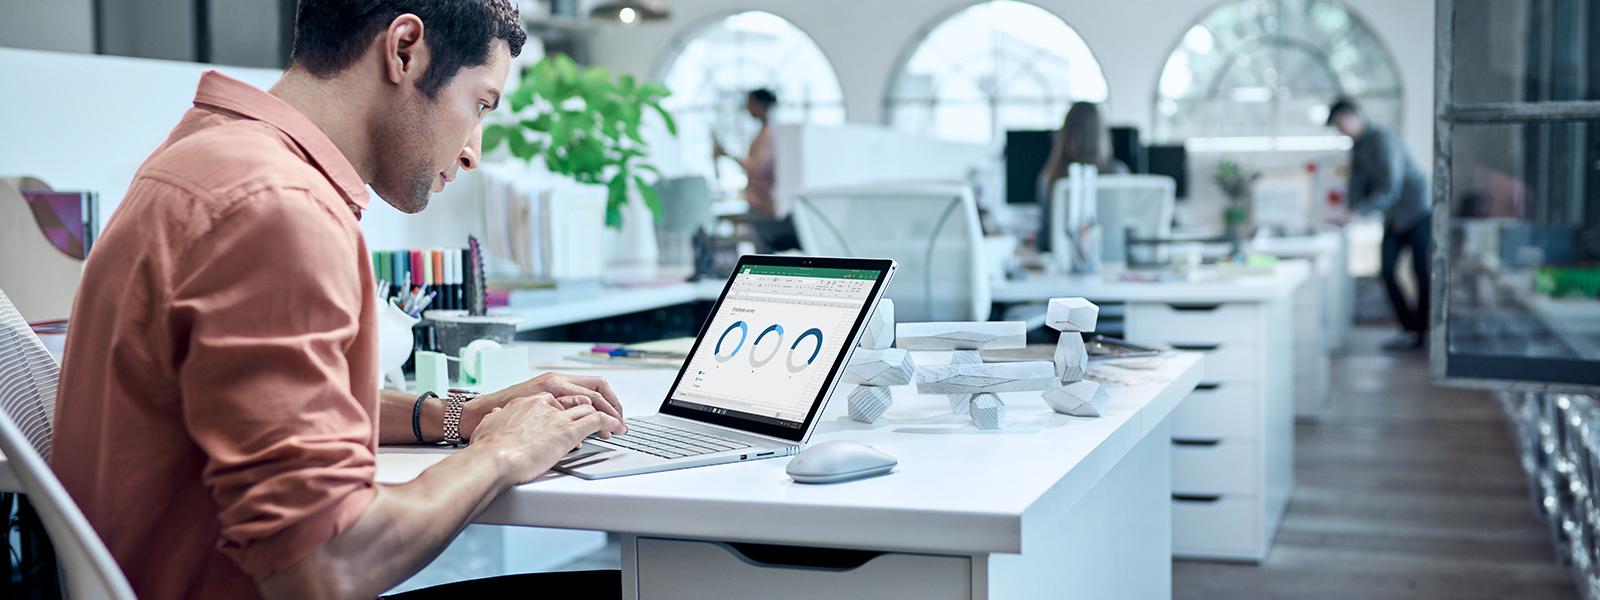 Homme consultant des graphiques sur un ordinateur portable